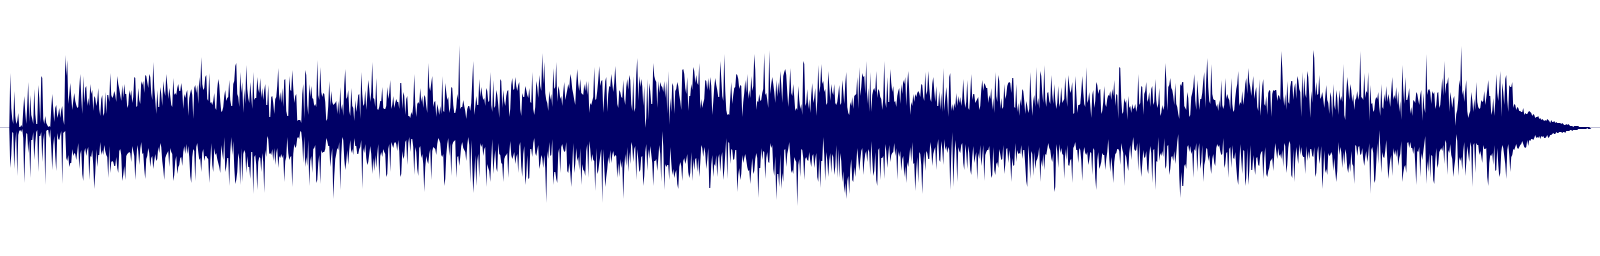 waveform of track #108832